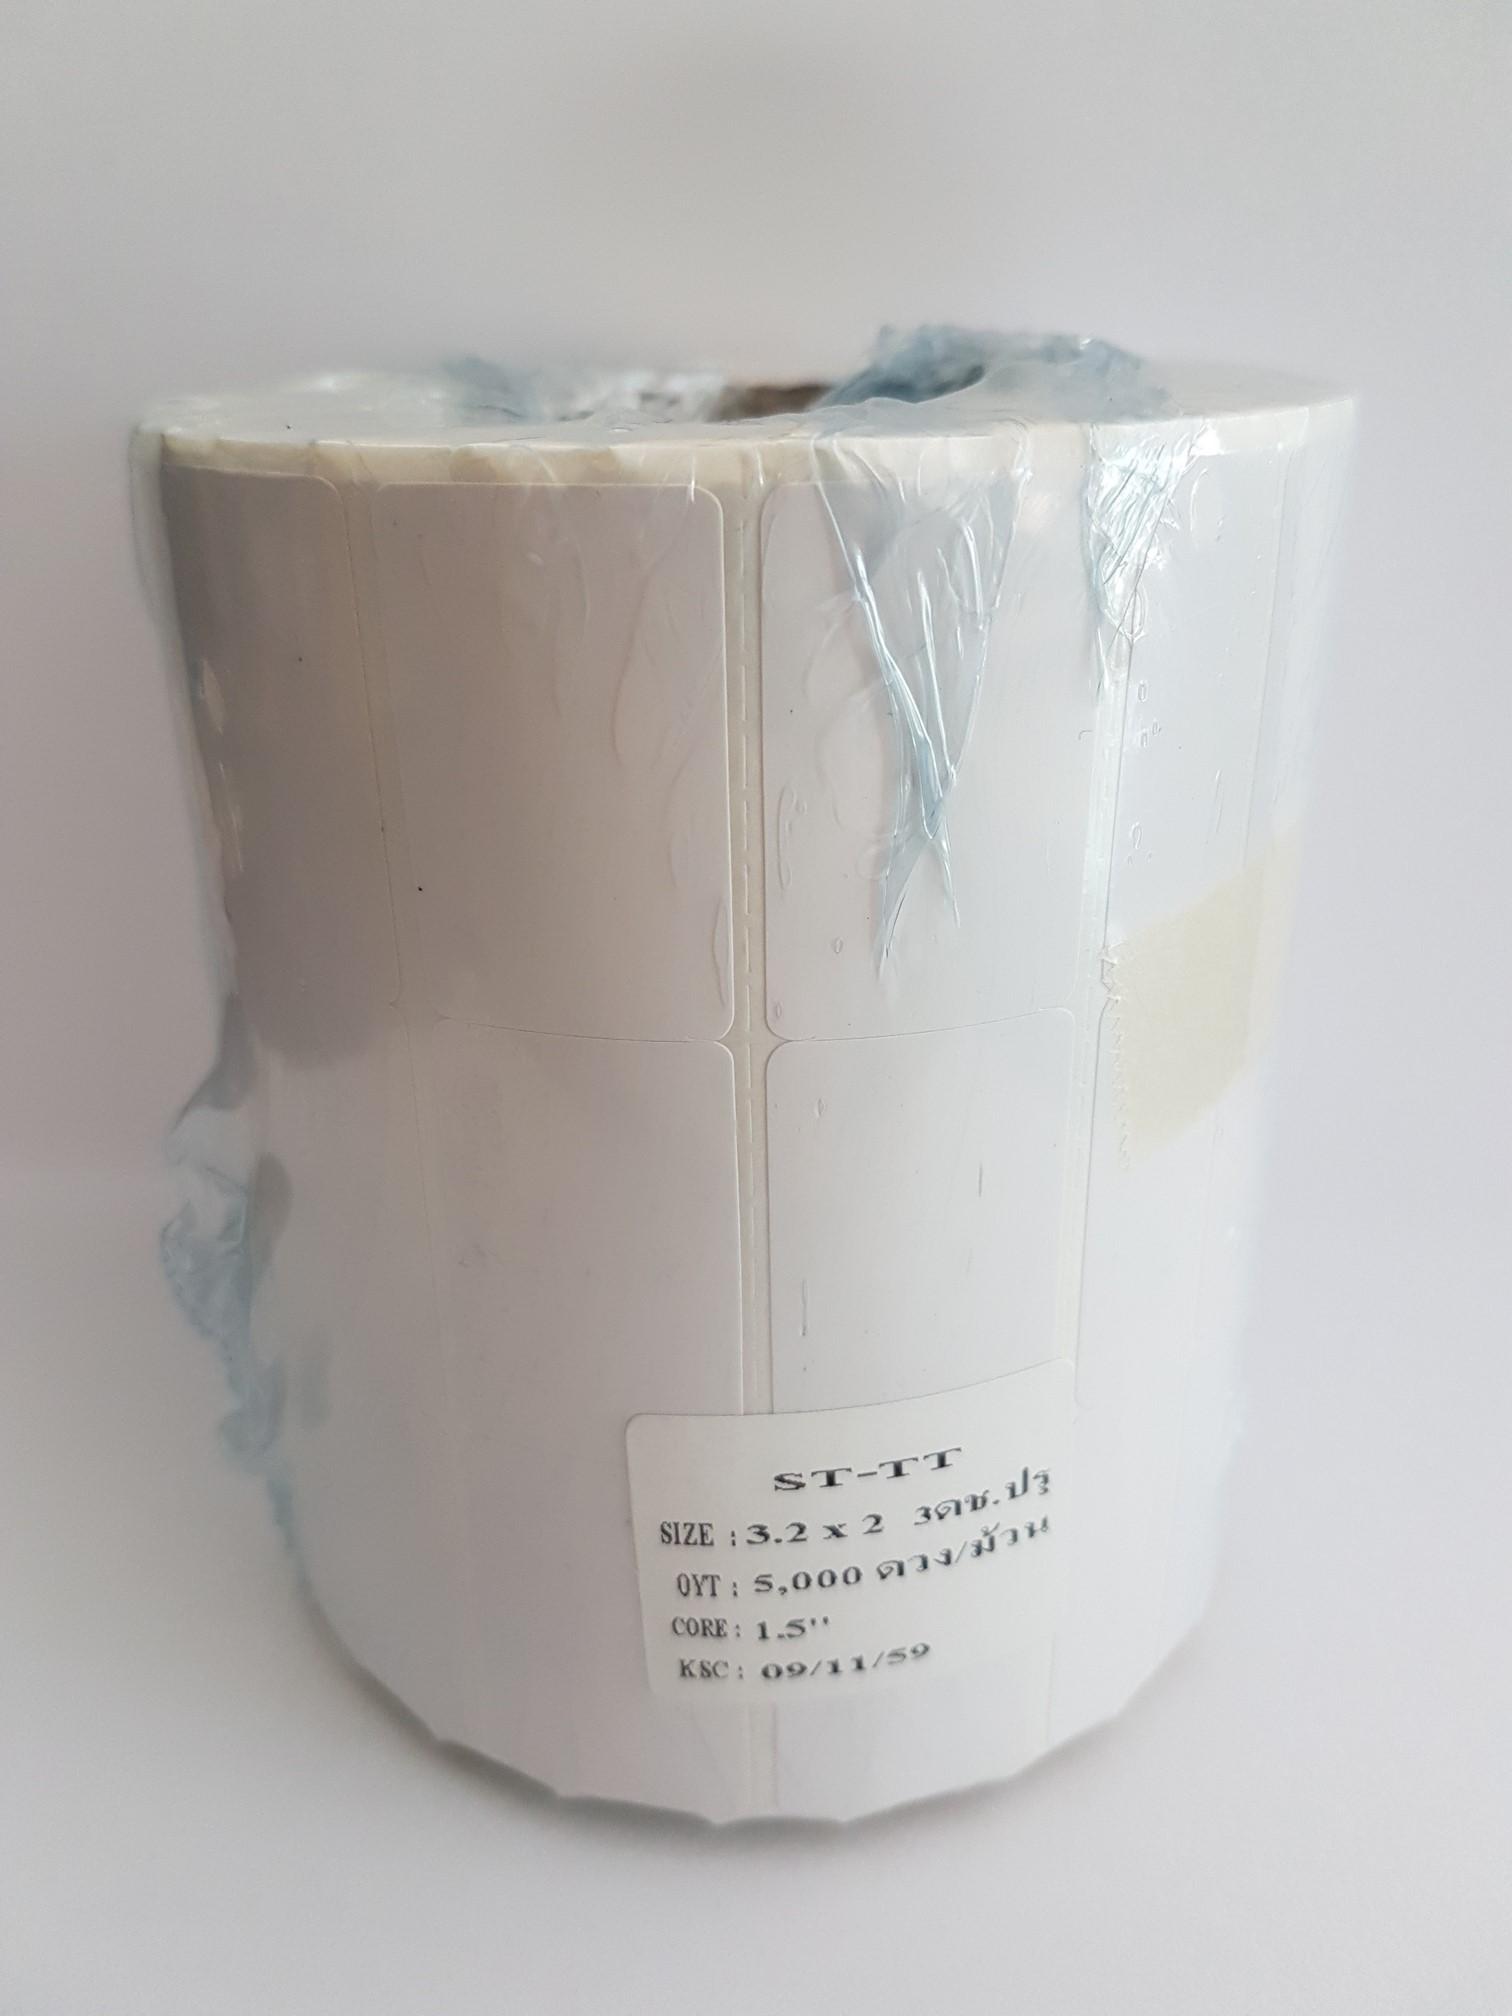 สติ๊กเกอร์บาร์โค้ด 3.2x2.0mm (5000 ดวง)